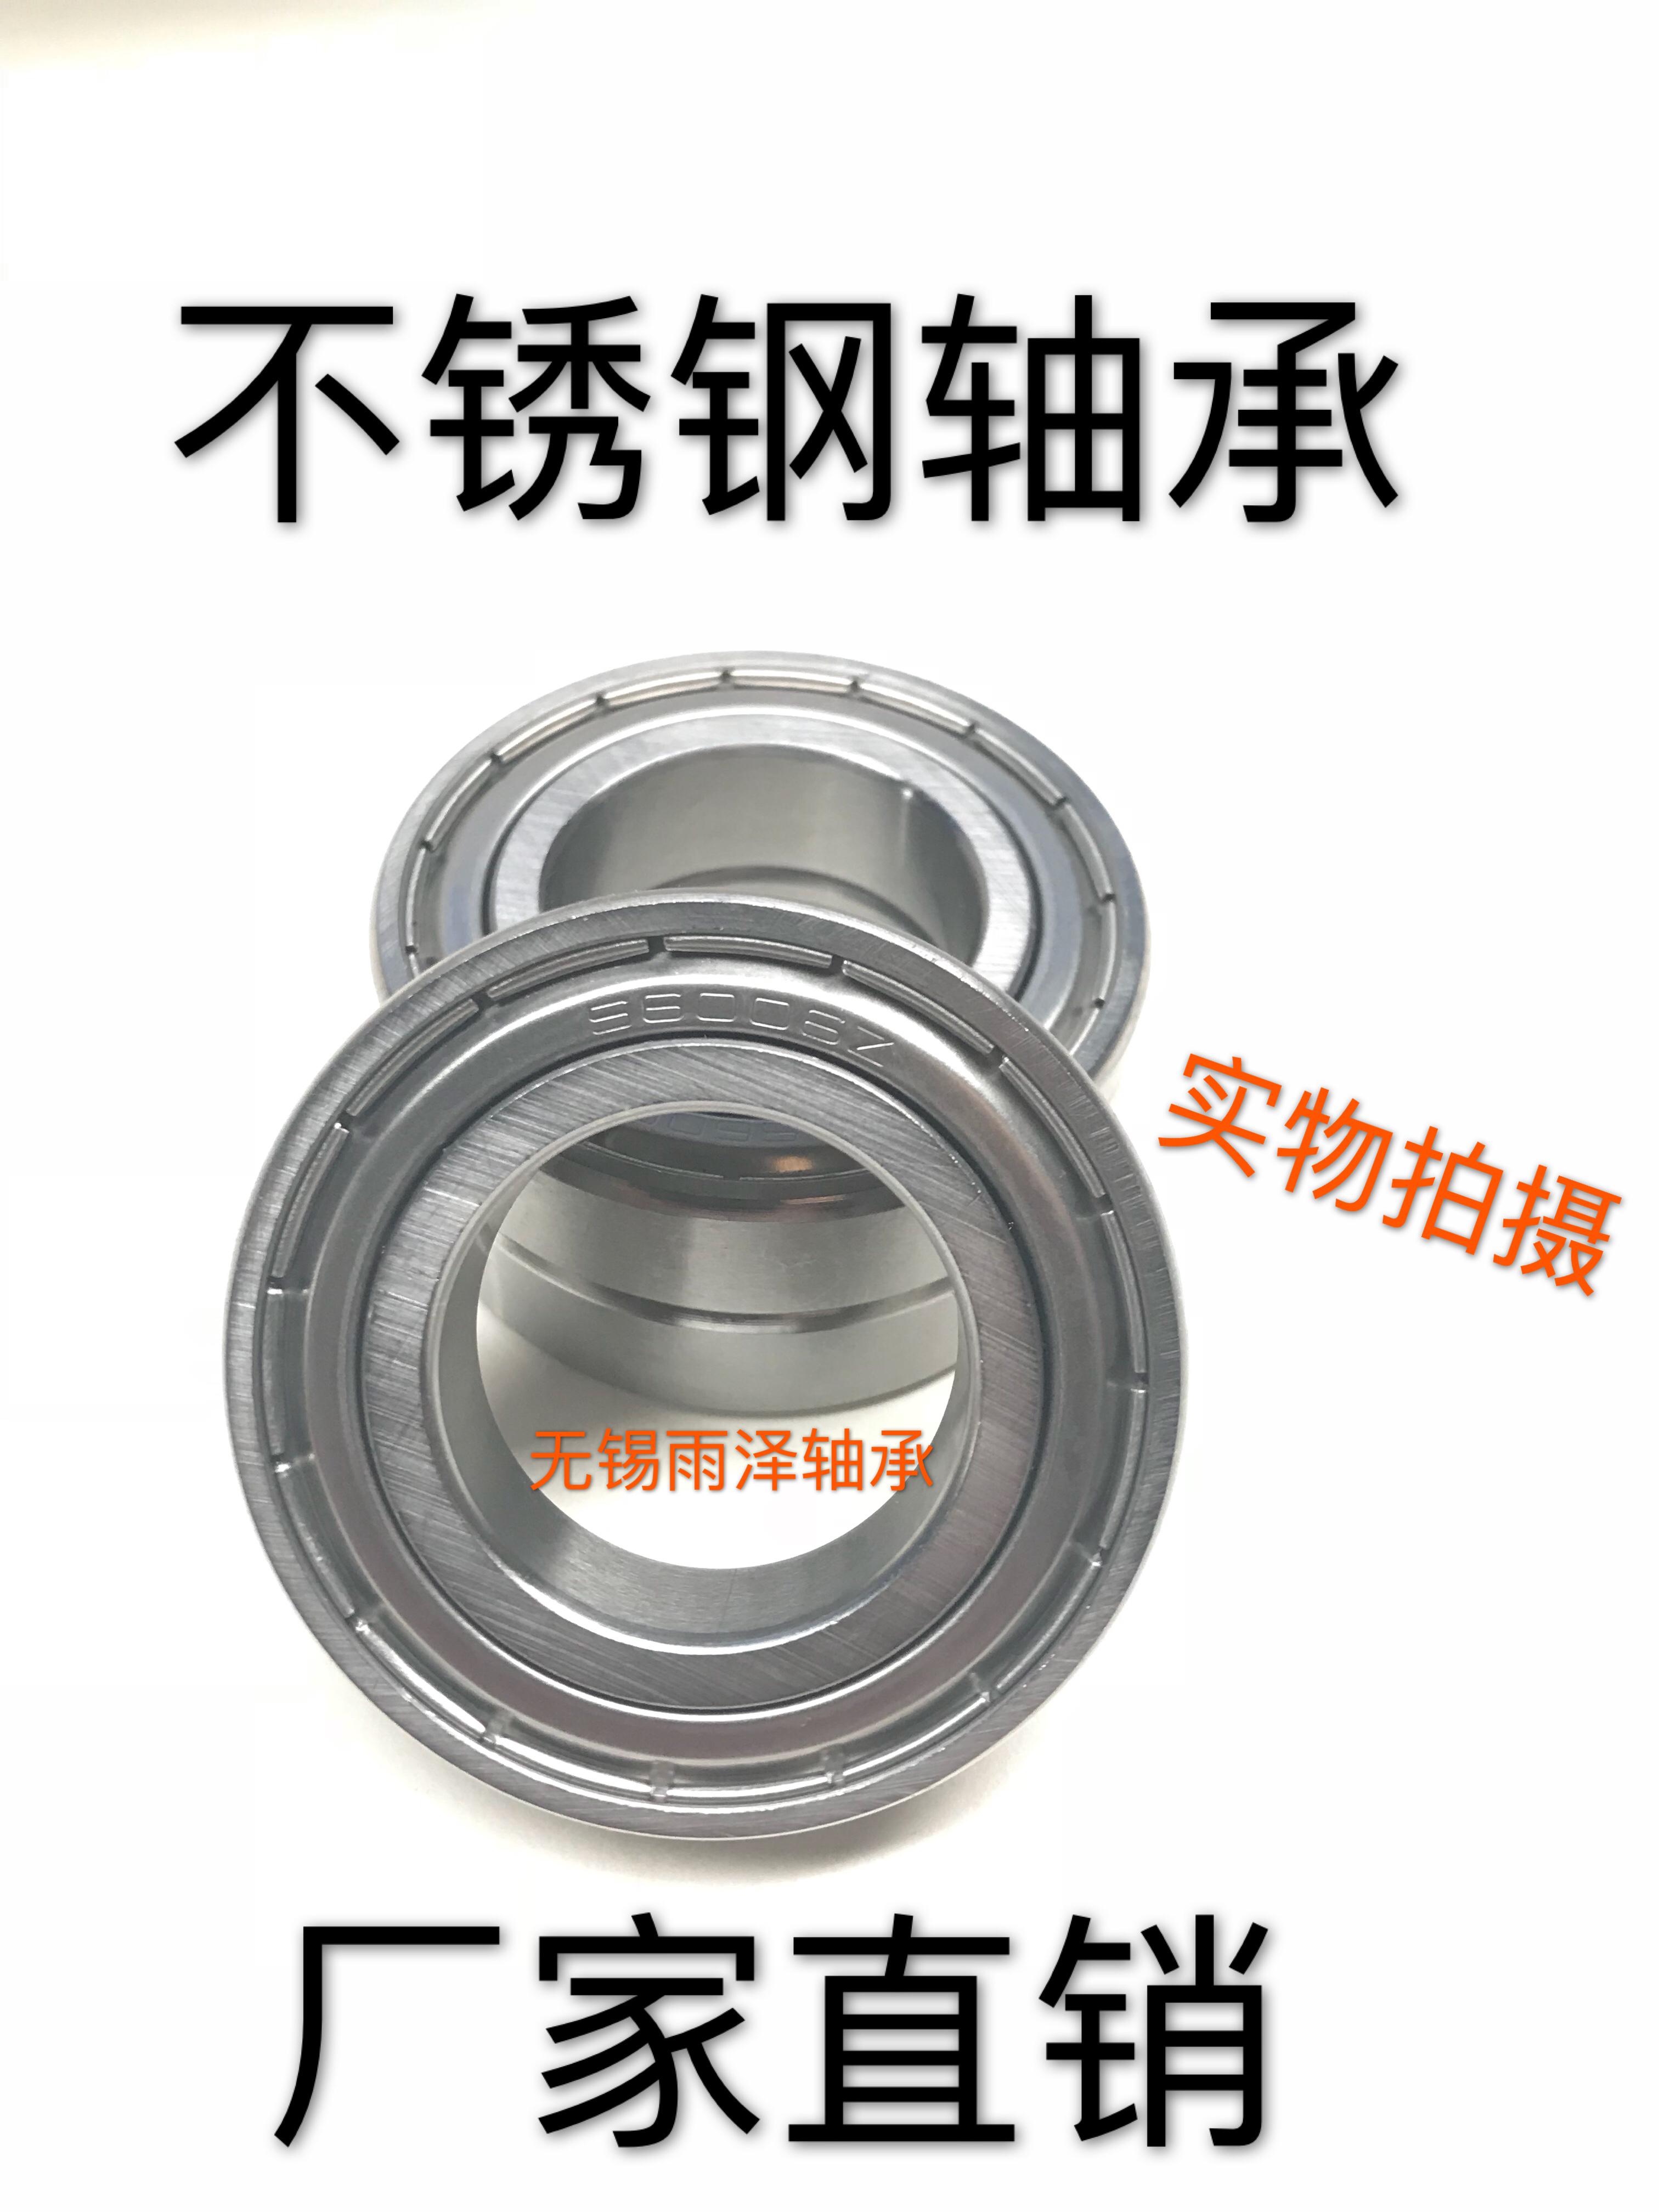 Łożyska kulkowe zwykłe ze stali nierdzewnej, korozja głębokiego rowka S6200Z S6201Z S6202Z S6203Z S6204Z 440